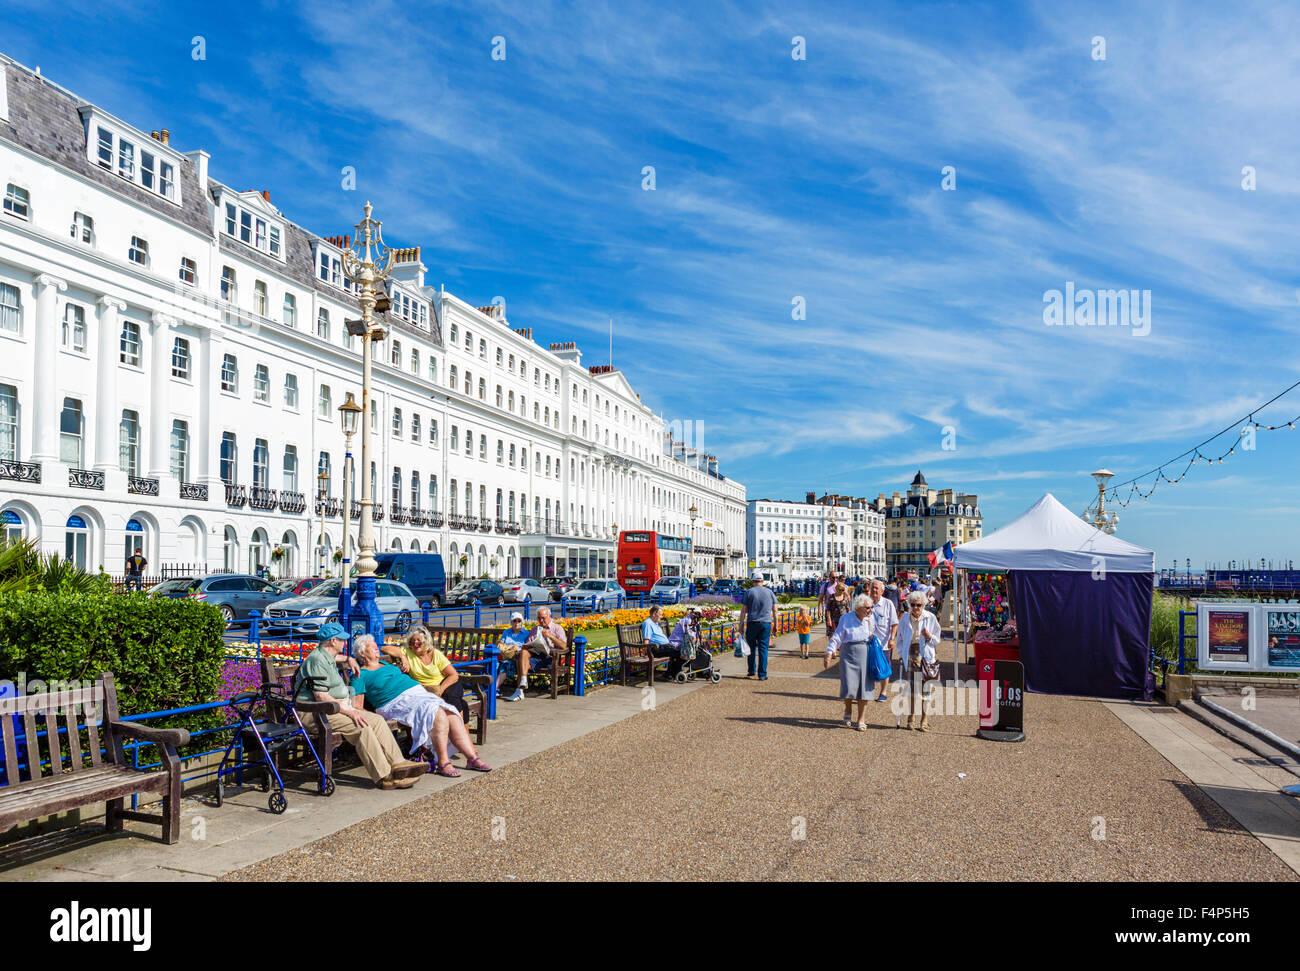 Grand Parade à Eastbourne, East Sussex, England, UK Photo Stock